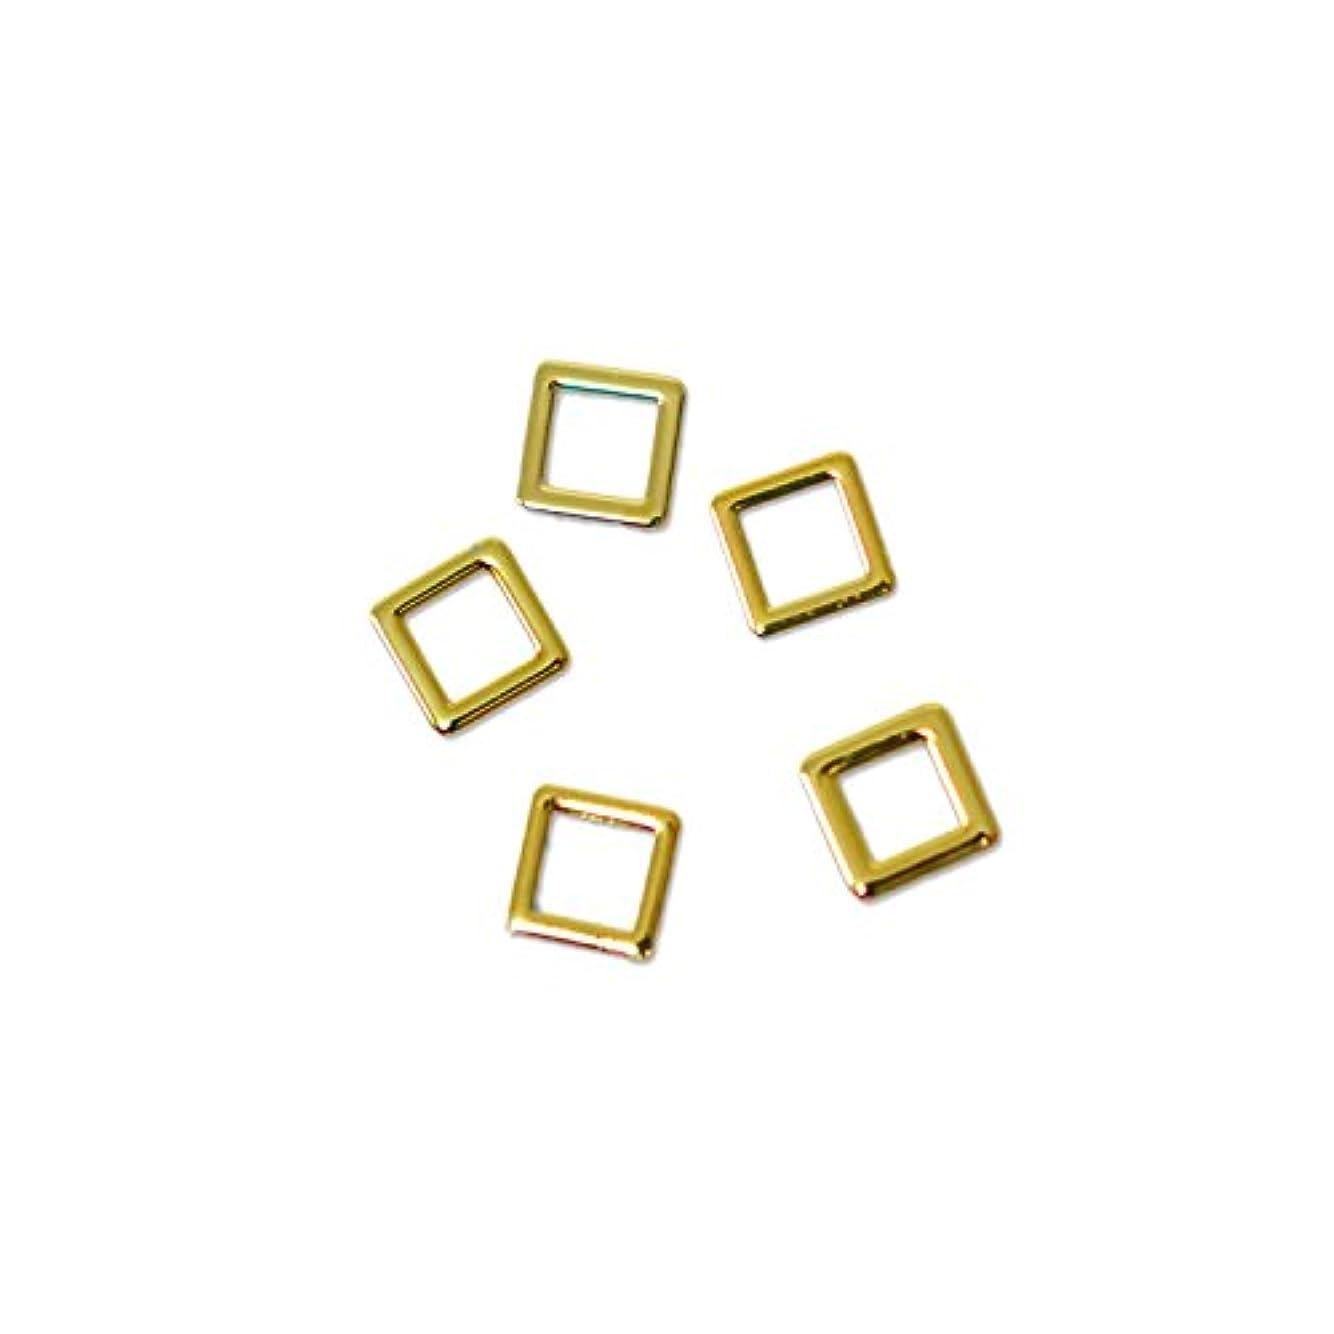 連帯好意的偶然の薄型メタルパーツ10001 スクエア 約3mm(内寸約2mm) ゴールド 20個入り 片面仕上